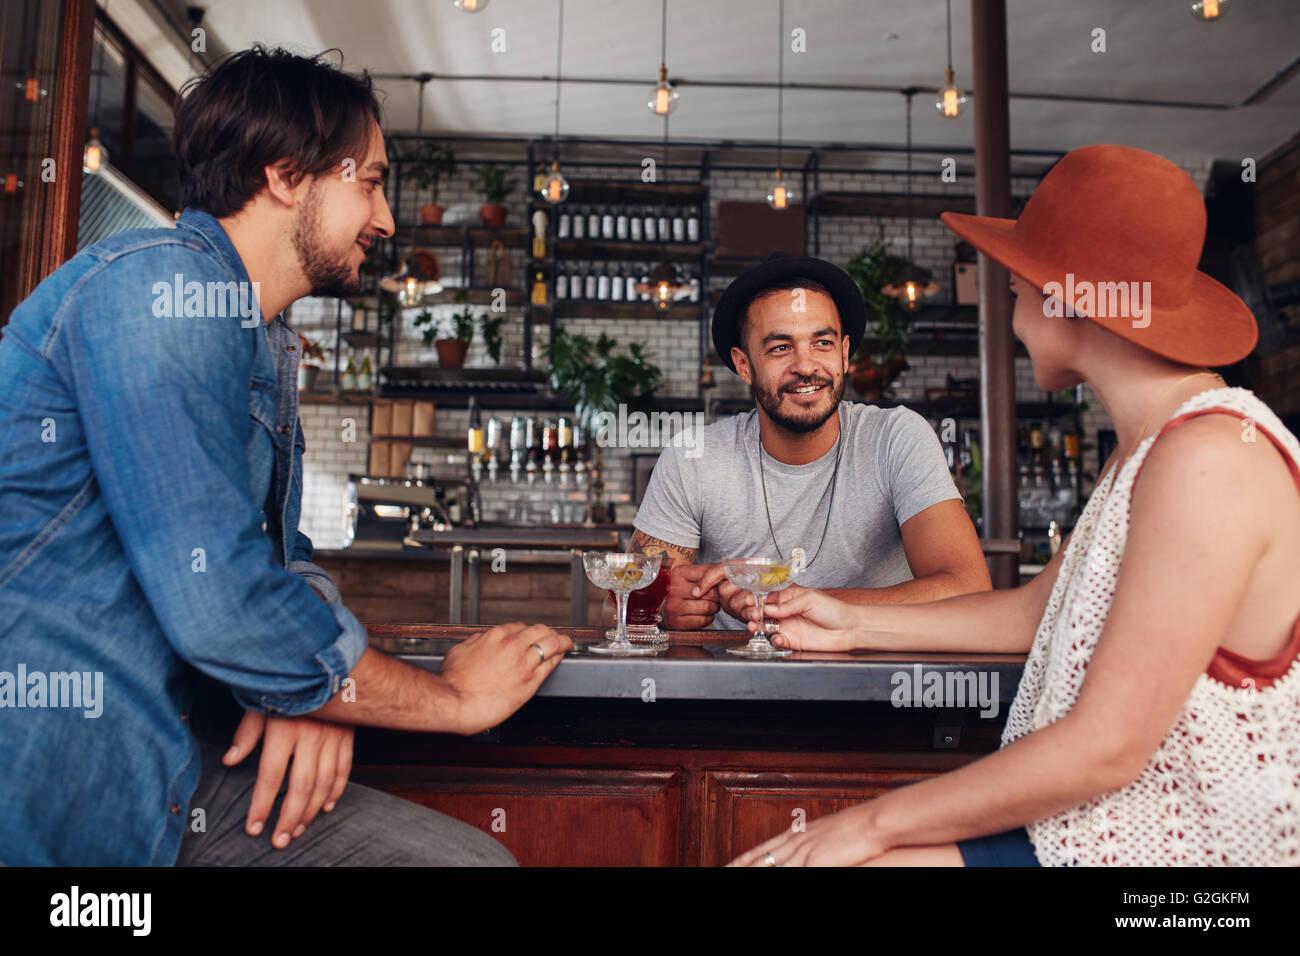 Tres jóvenes amigos sonriente y sentado en un café bebiendo juntos. La gente moderna joven sentado en Imagen De Stock